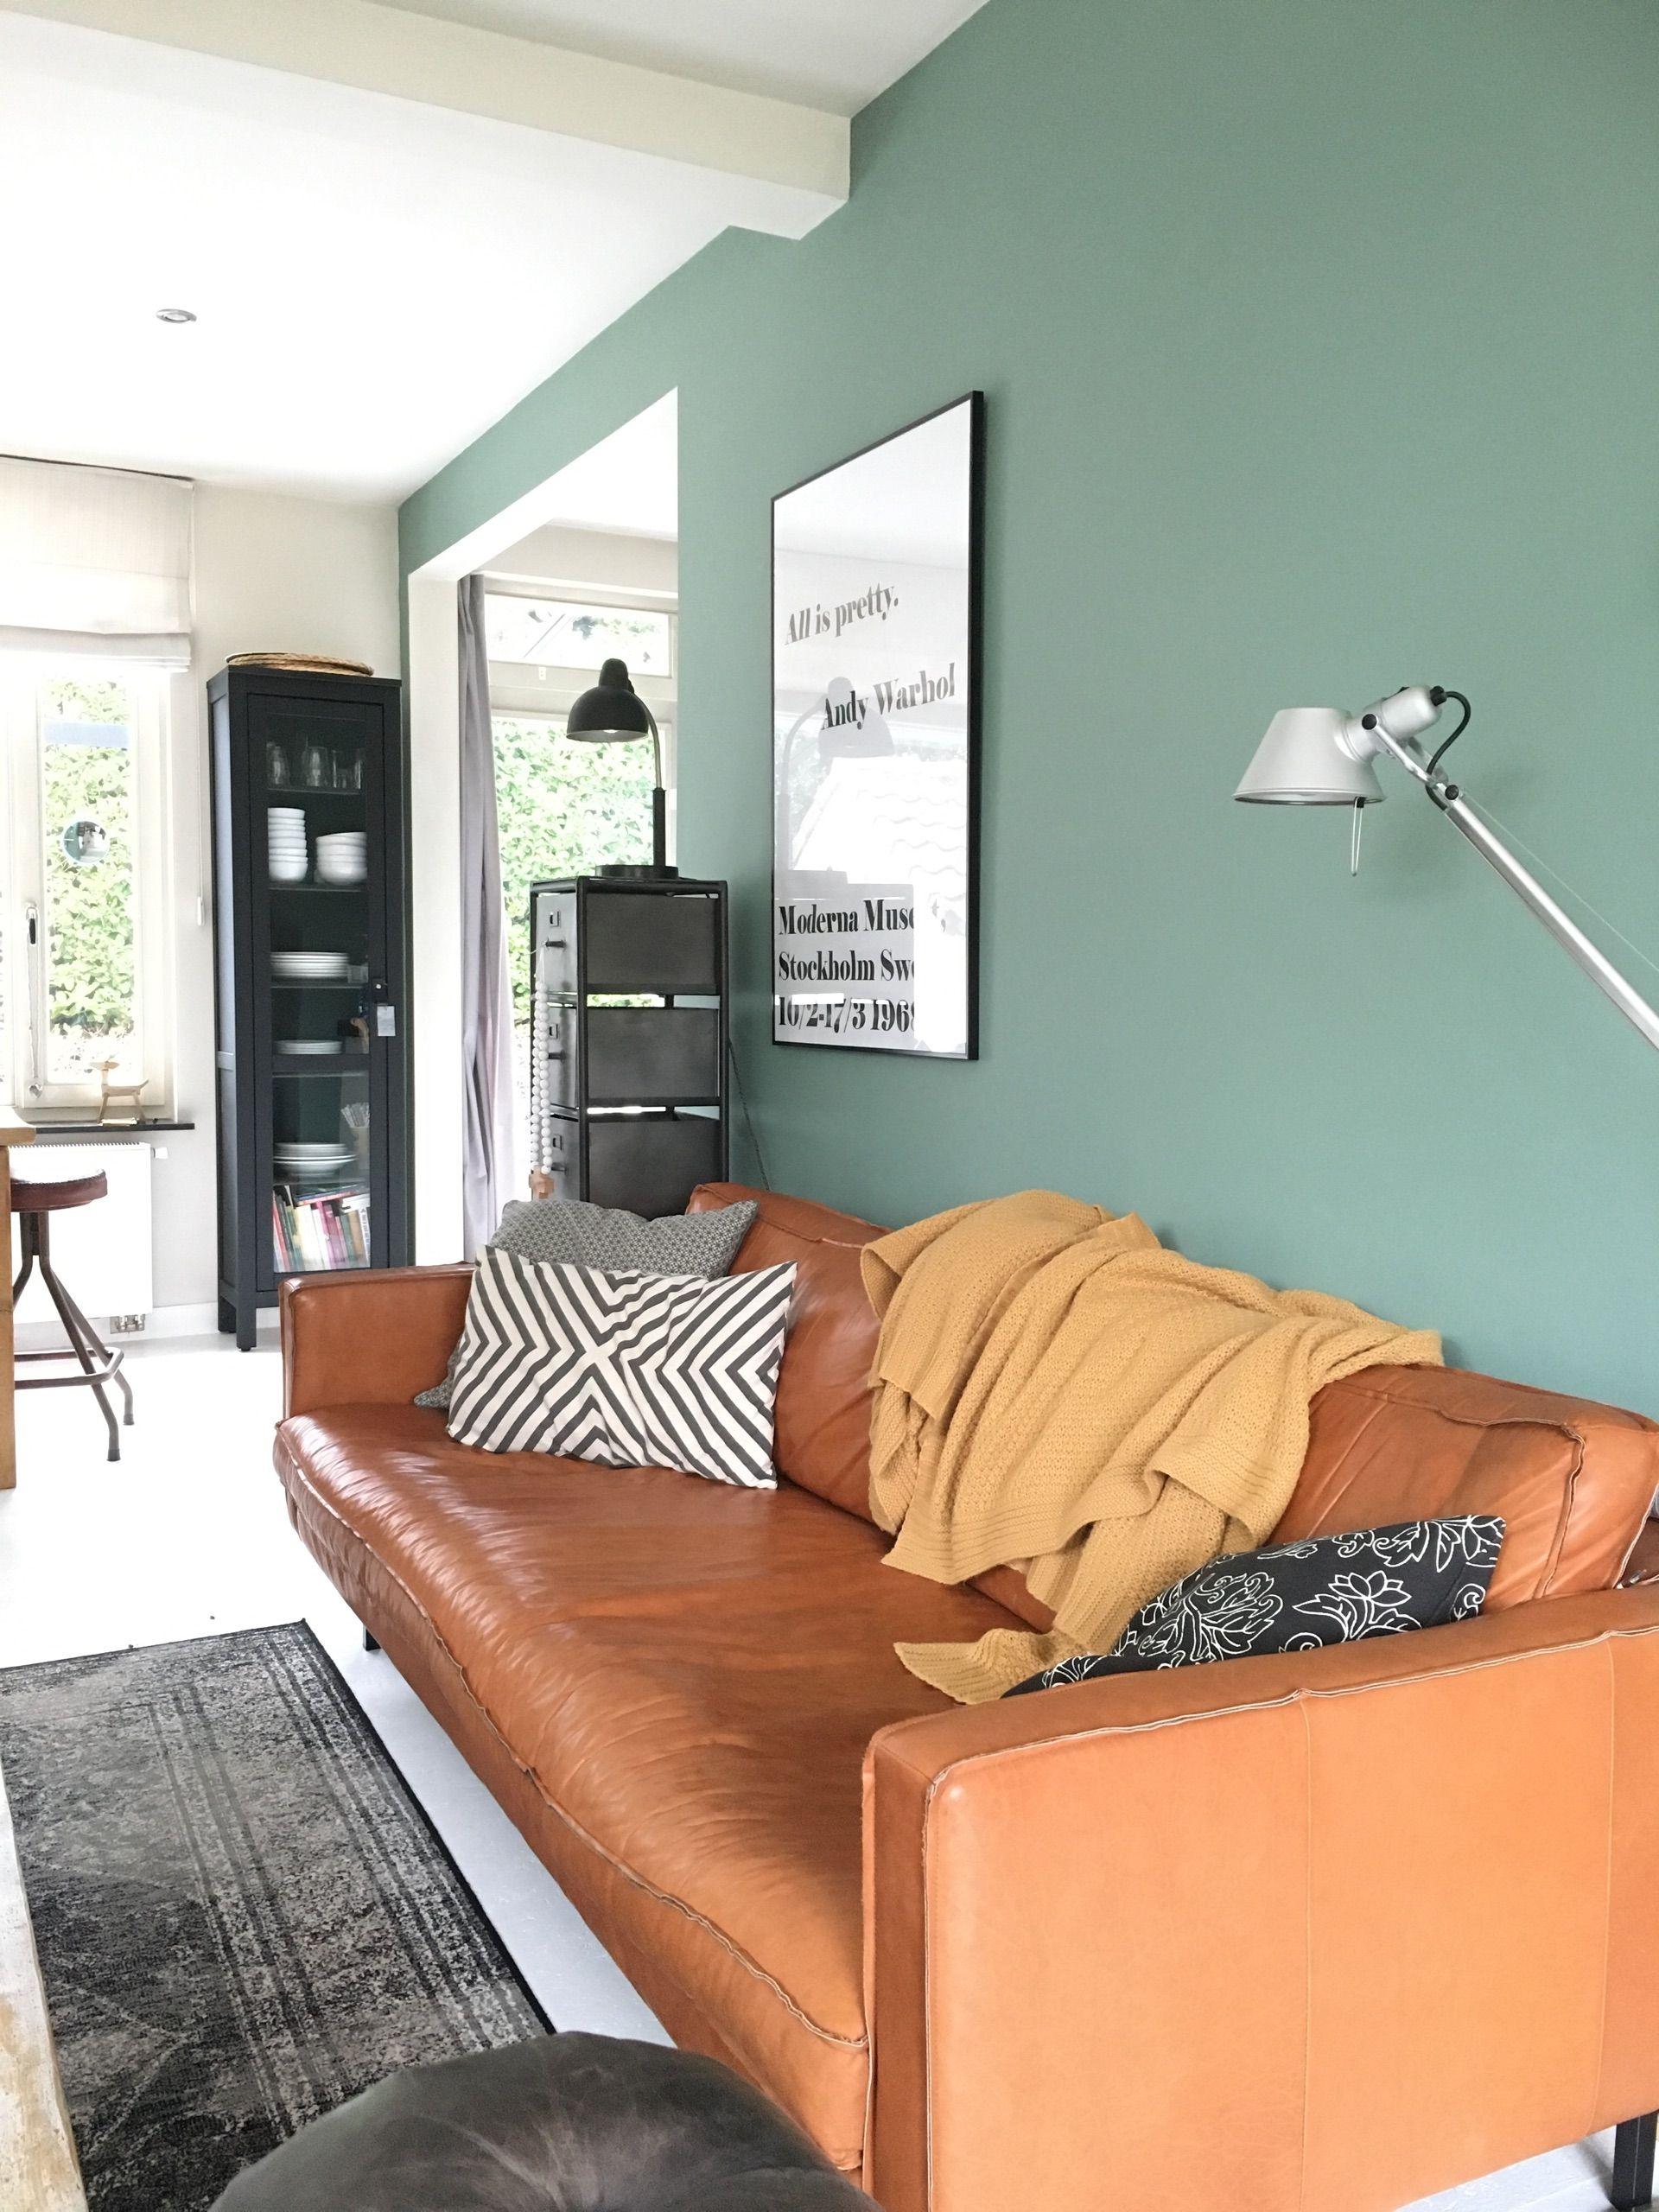 Woonkamer - Binnenkijken bij sonia | Wohnzimmer